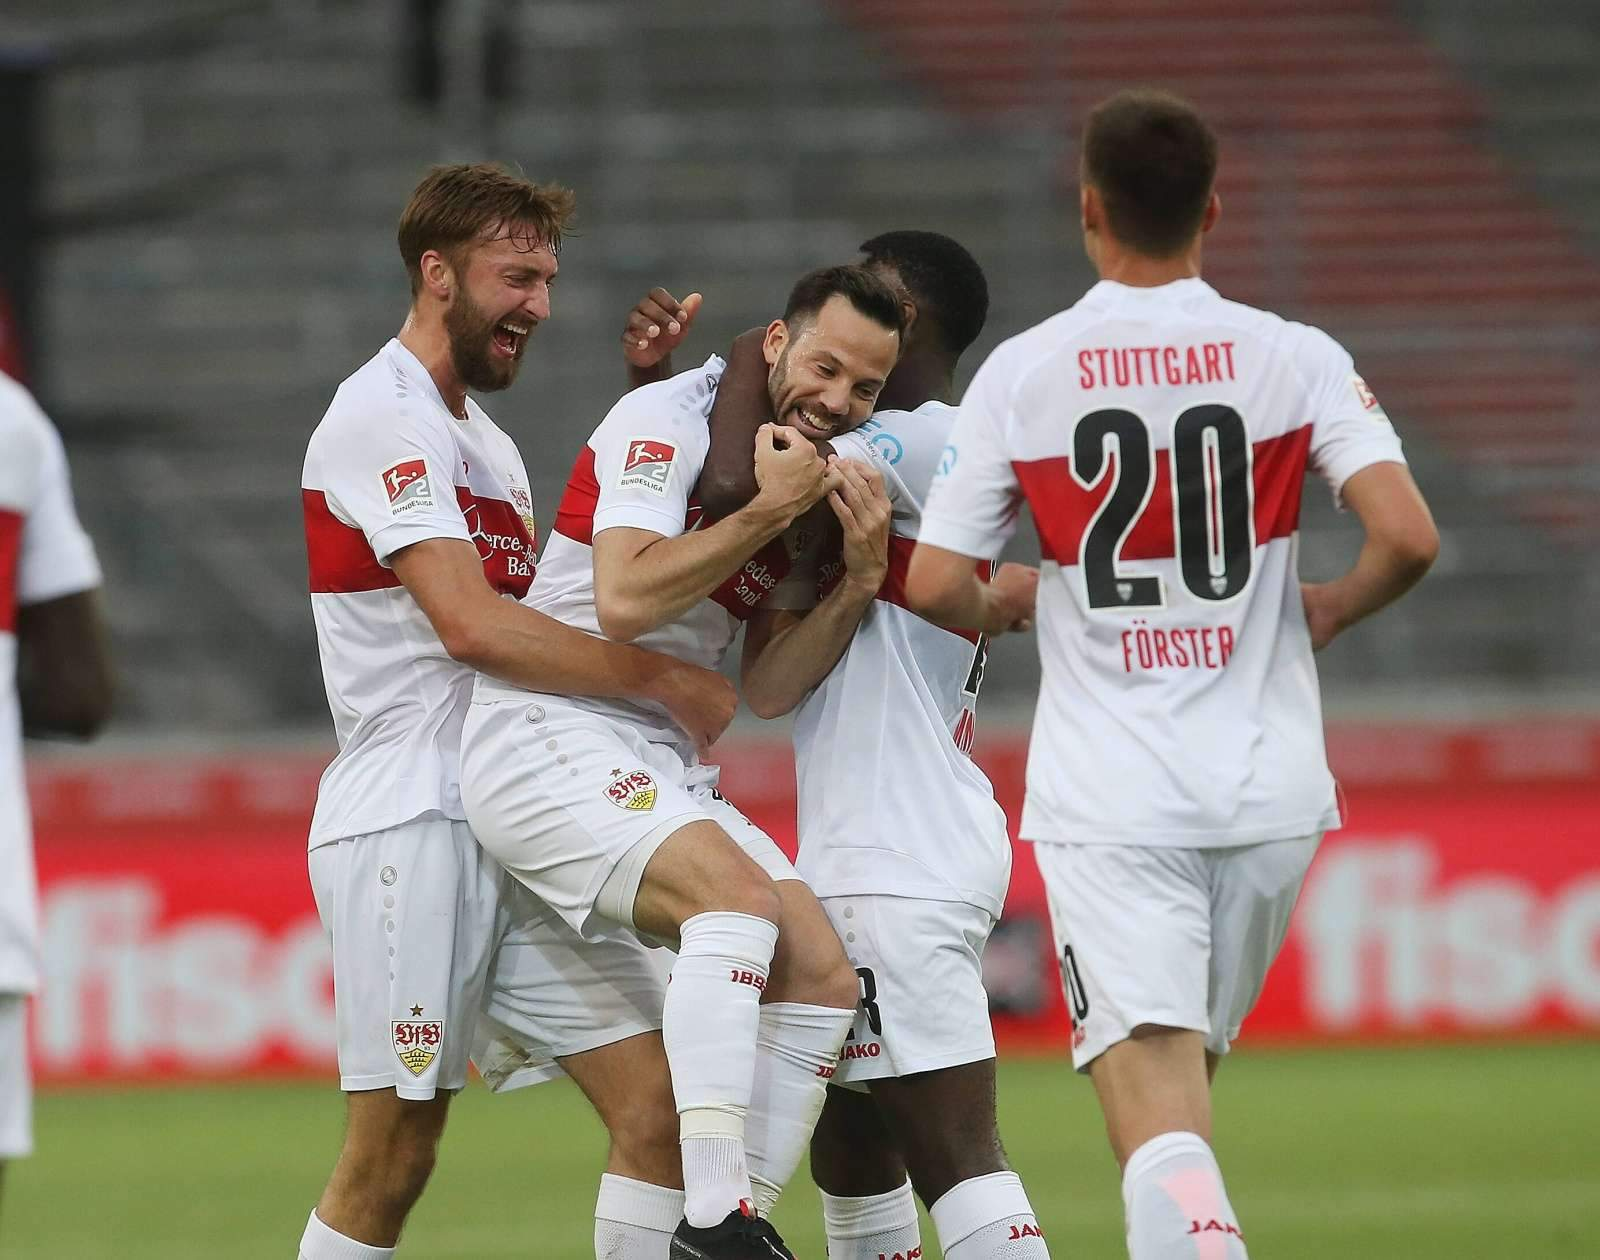 «Штуттгарт» стал пятым клубом, забившим 3000 голов в Бундеслиге